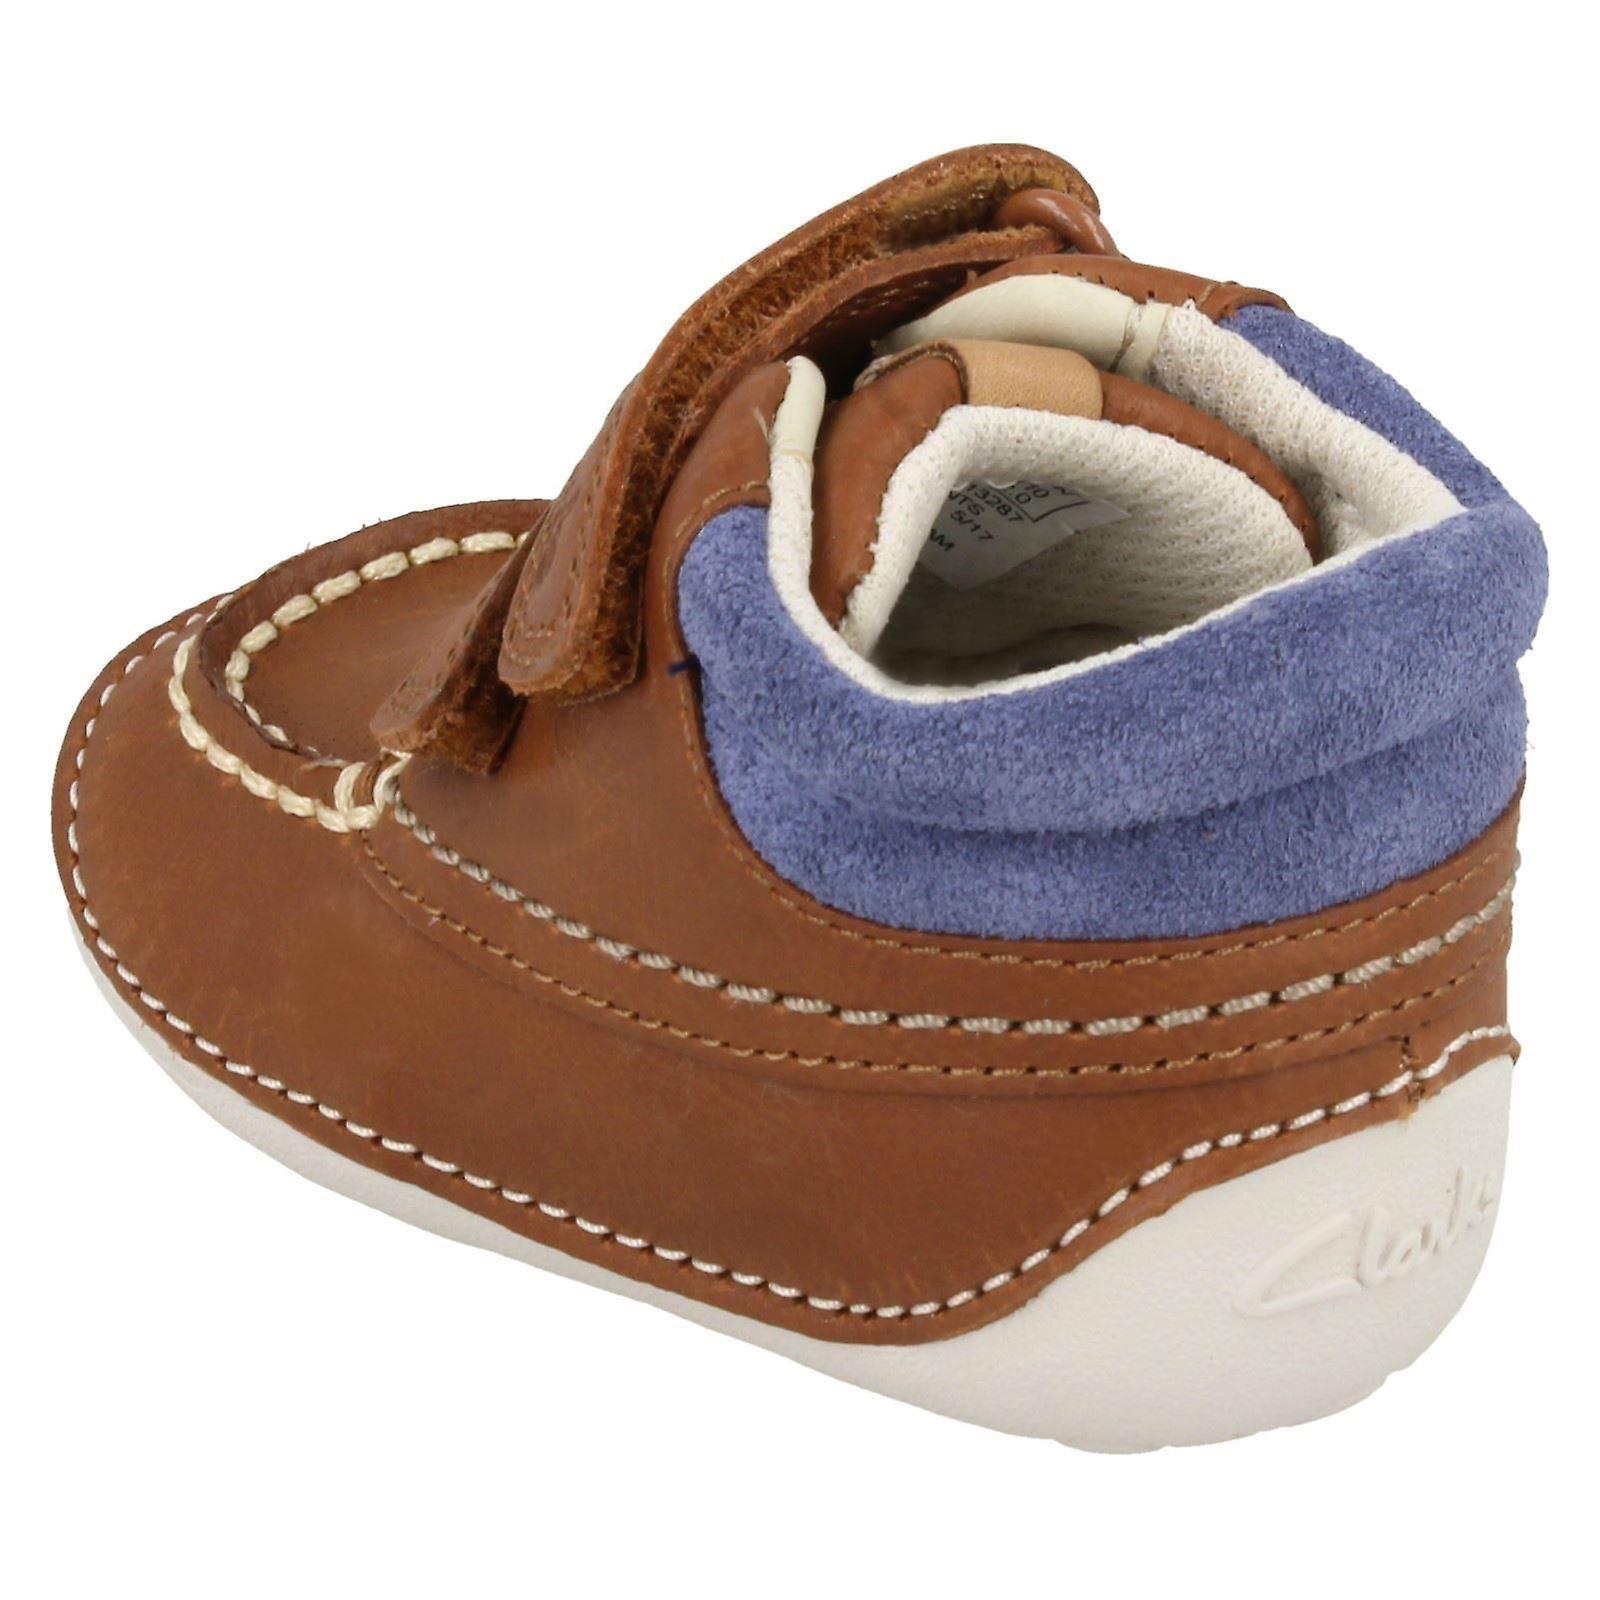 d'abord, les gars de chaussures chaussures chaussures clarks souliers minuscule tuktu dbddf3